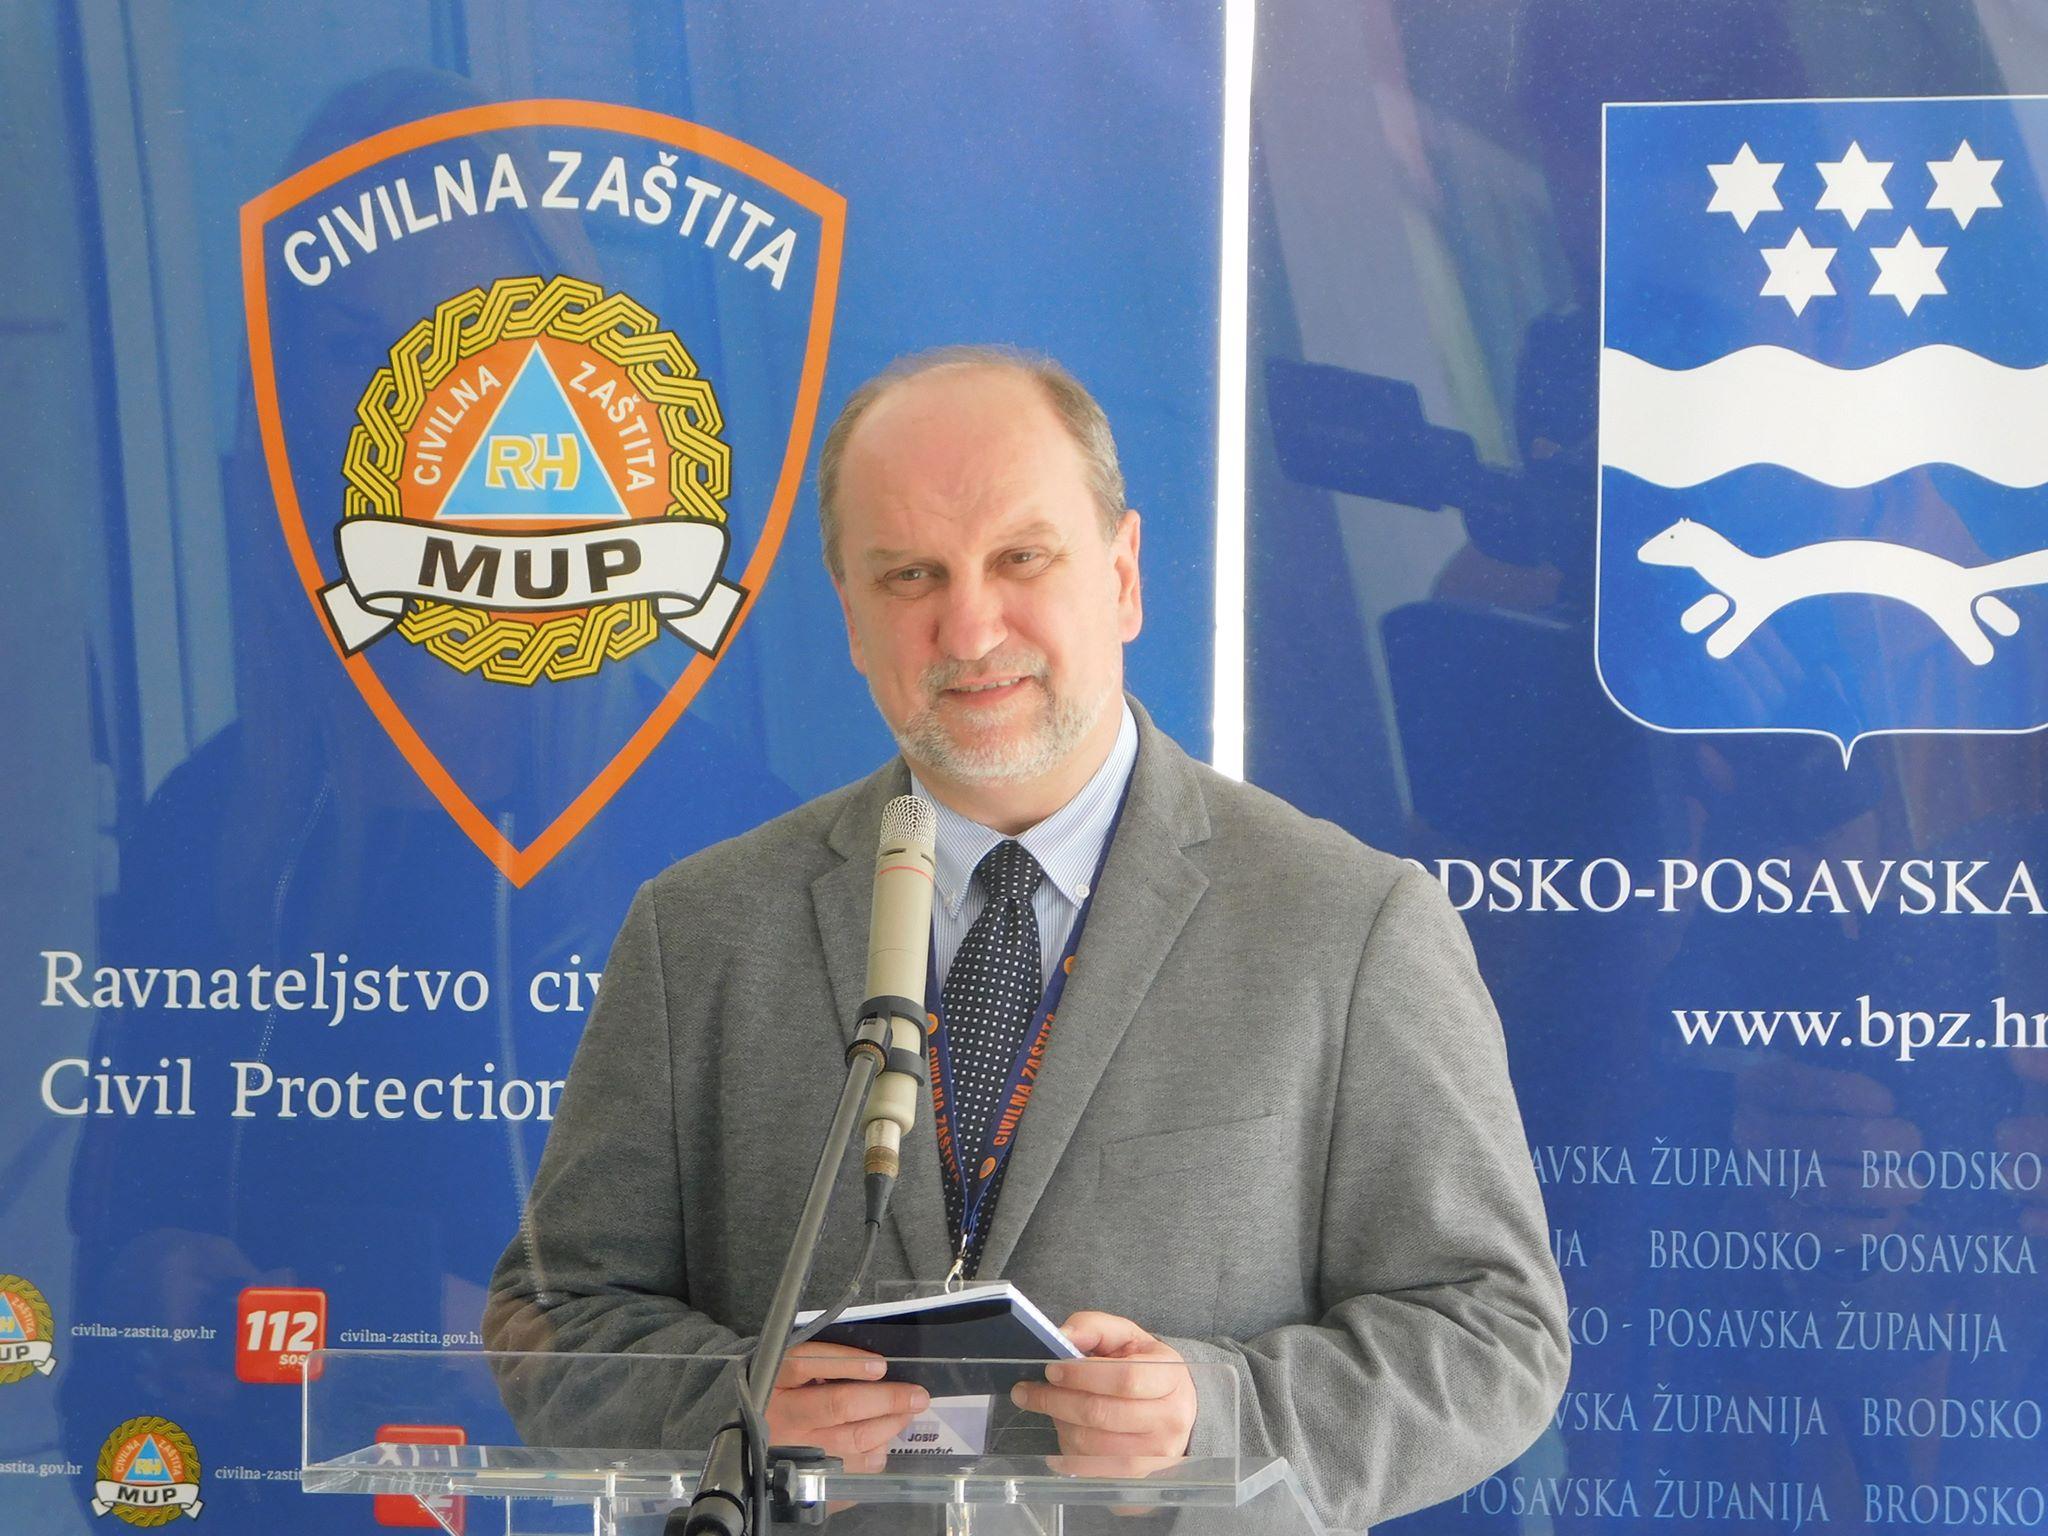 U posljednja 24 sata nema novih slučajeva zaraze u našoj županiji